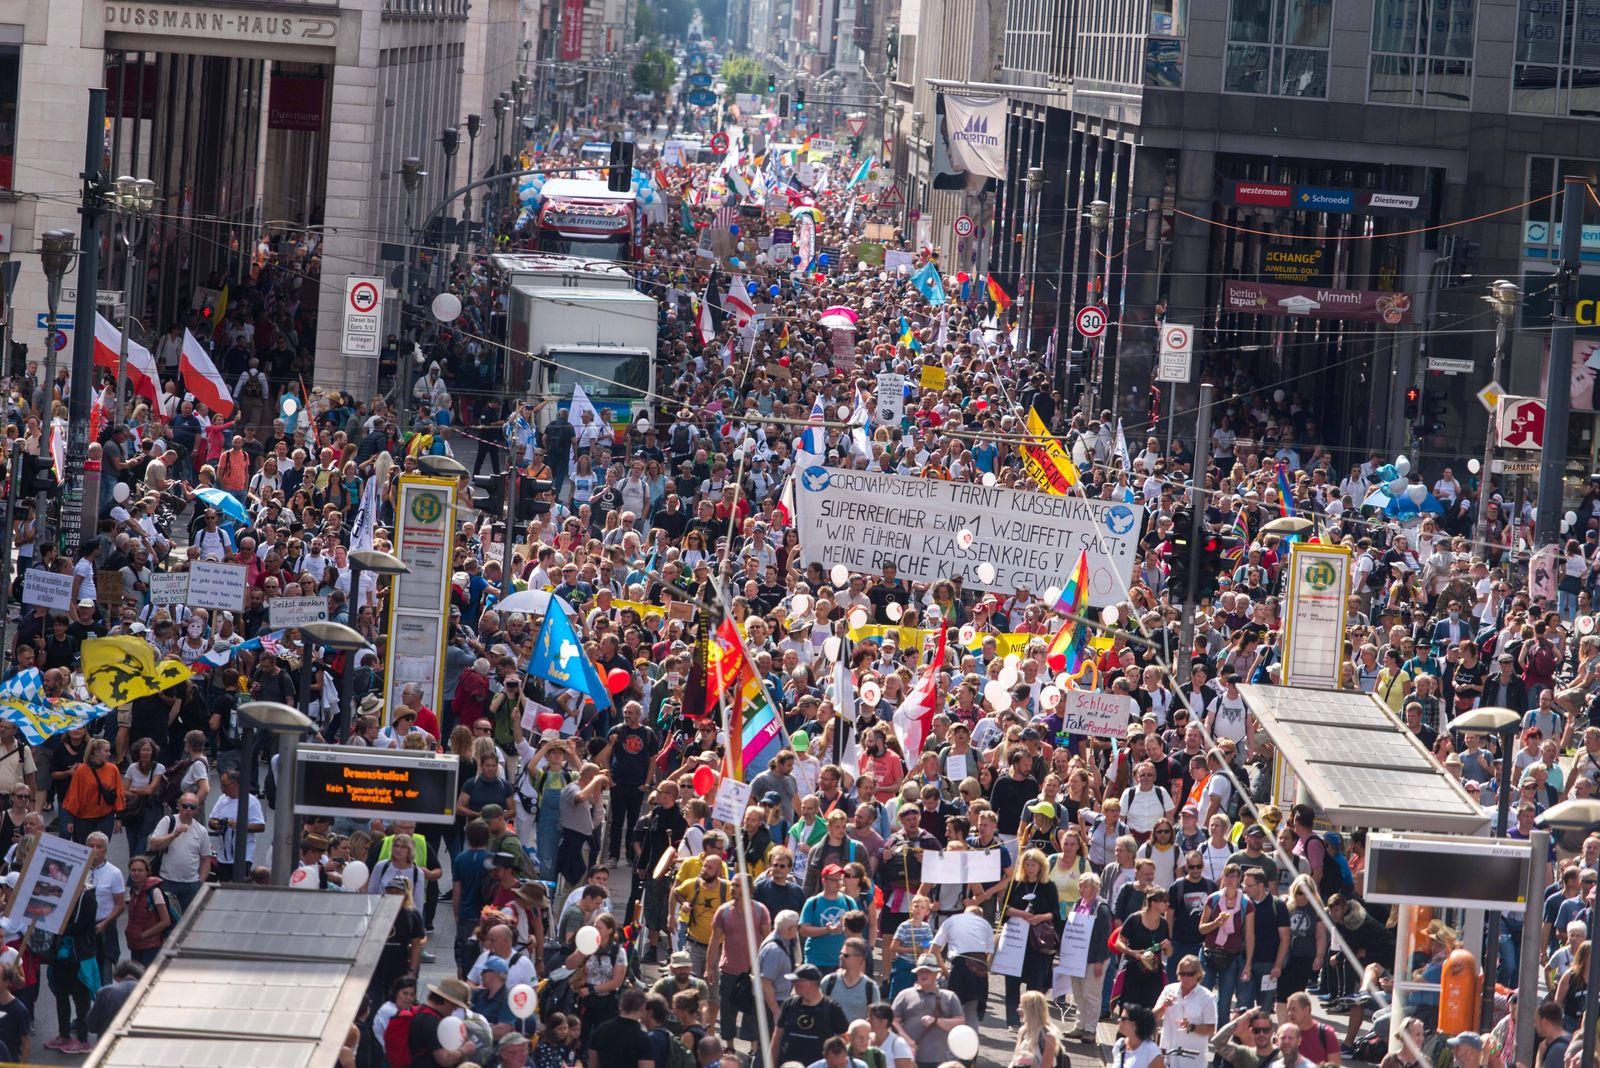 Berlin, Demo gegen die aktuelle Coronapolitik Deutschland, Berlin - 29.08.2020: Im Bild sind Eindrücke von der Demonstr